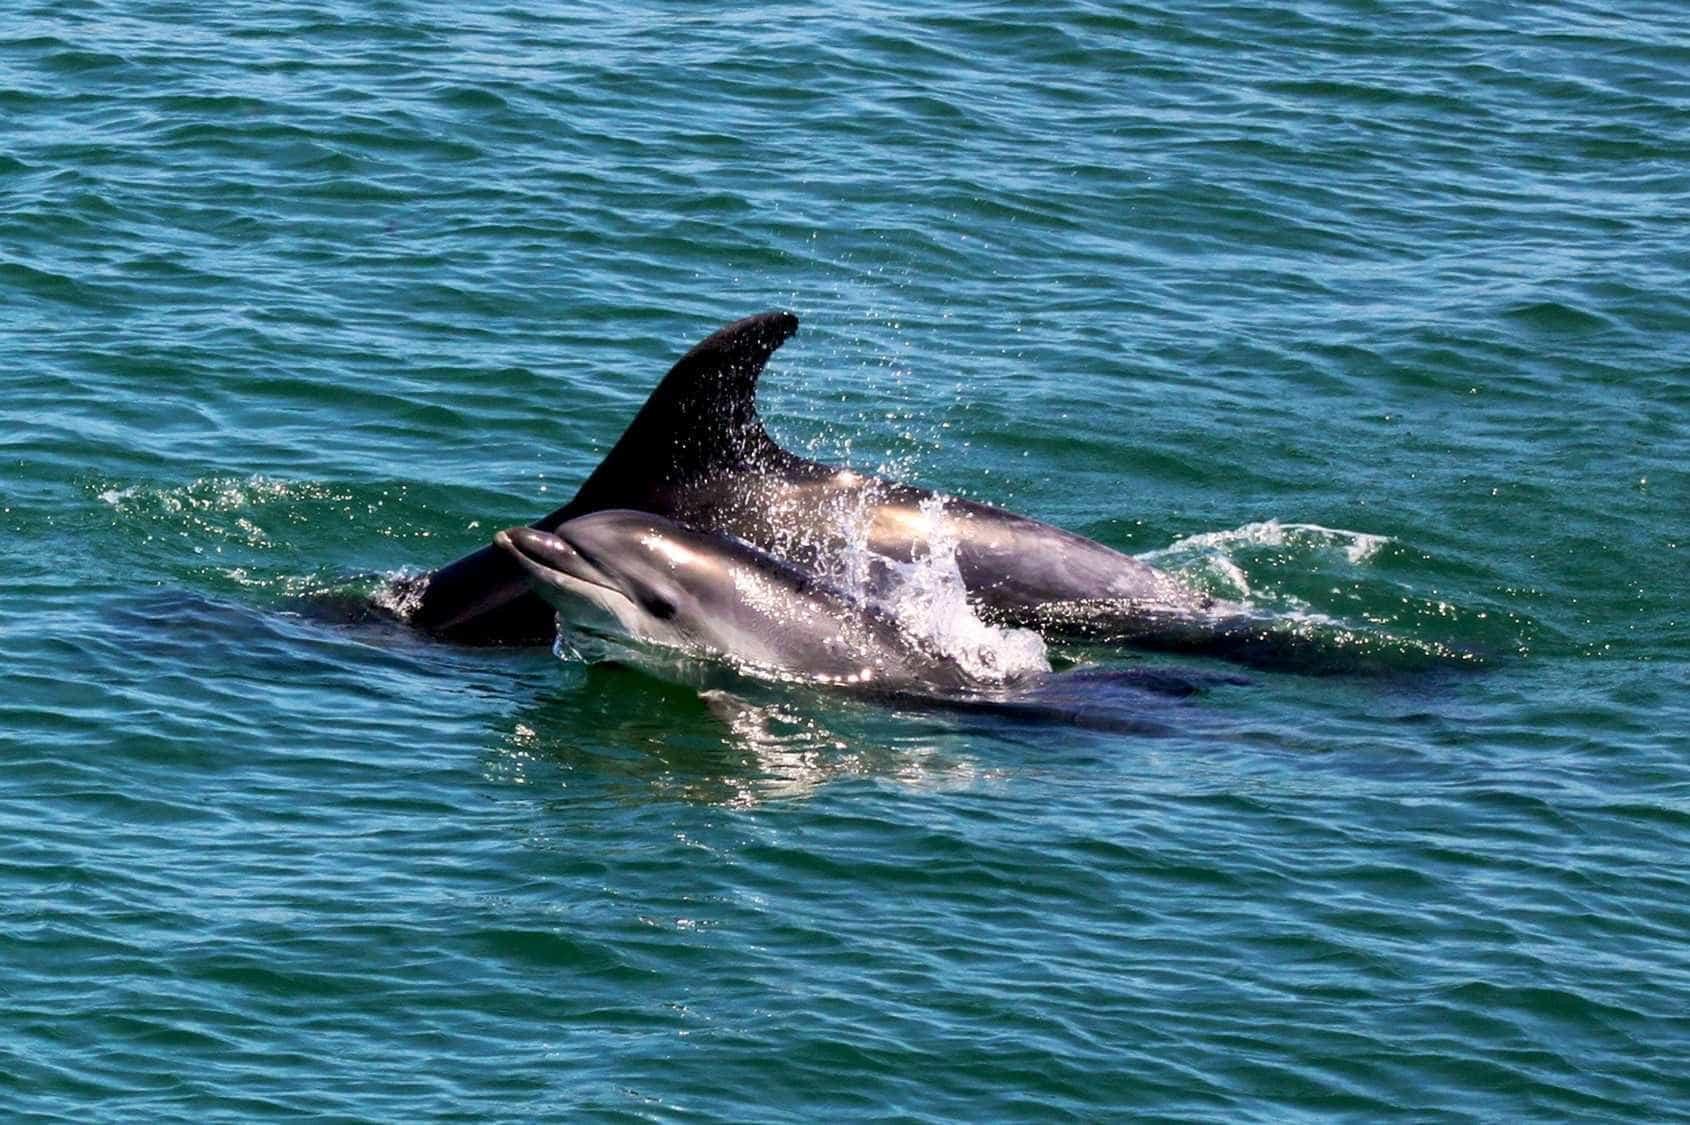 Golfinho desaparecido da Doca dos Olivais em Lisboa apareceu hoje morto